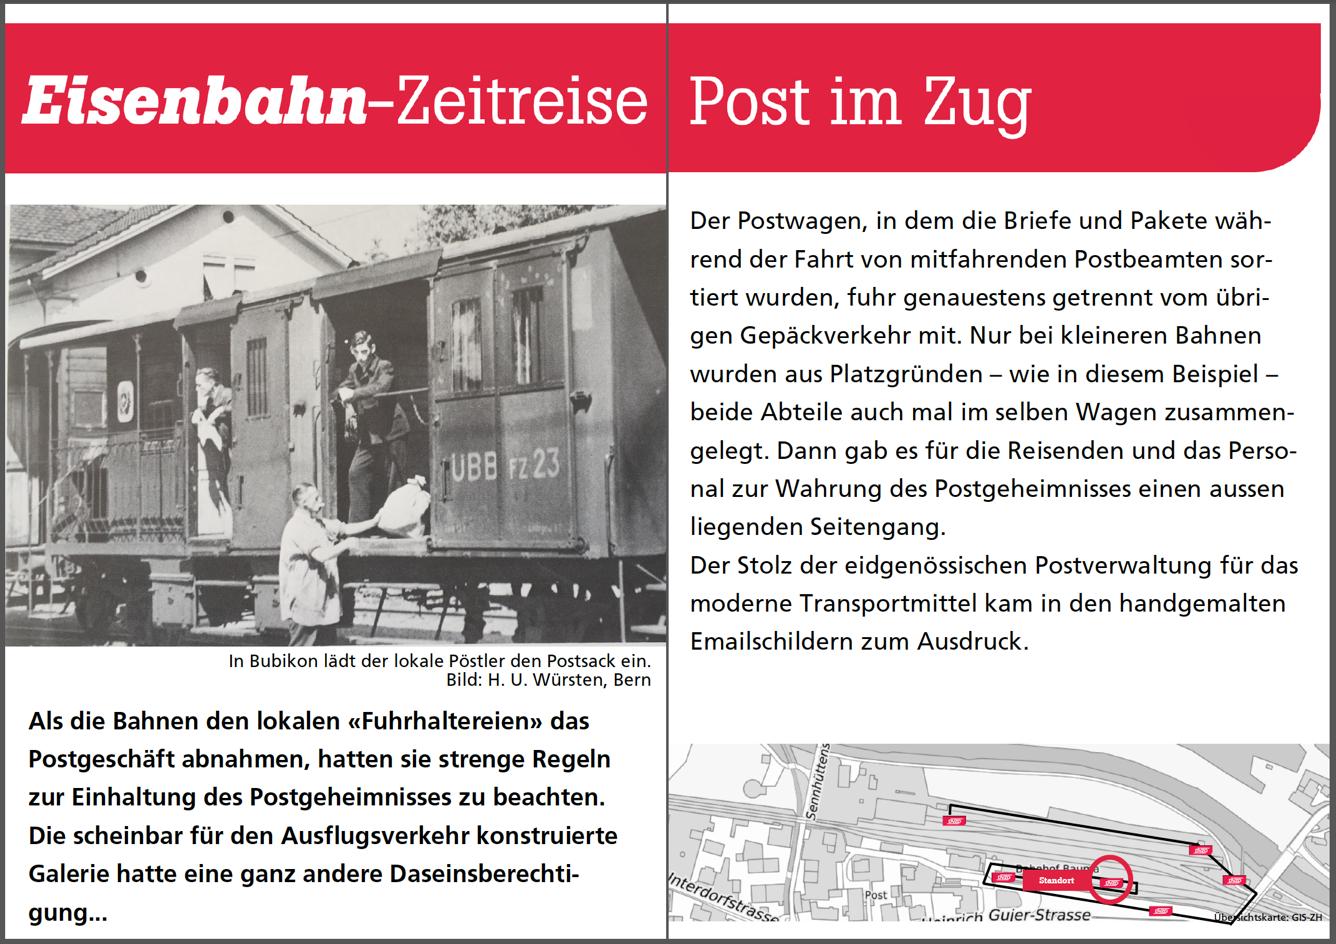 Post im Zug